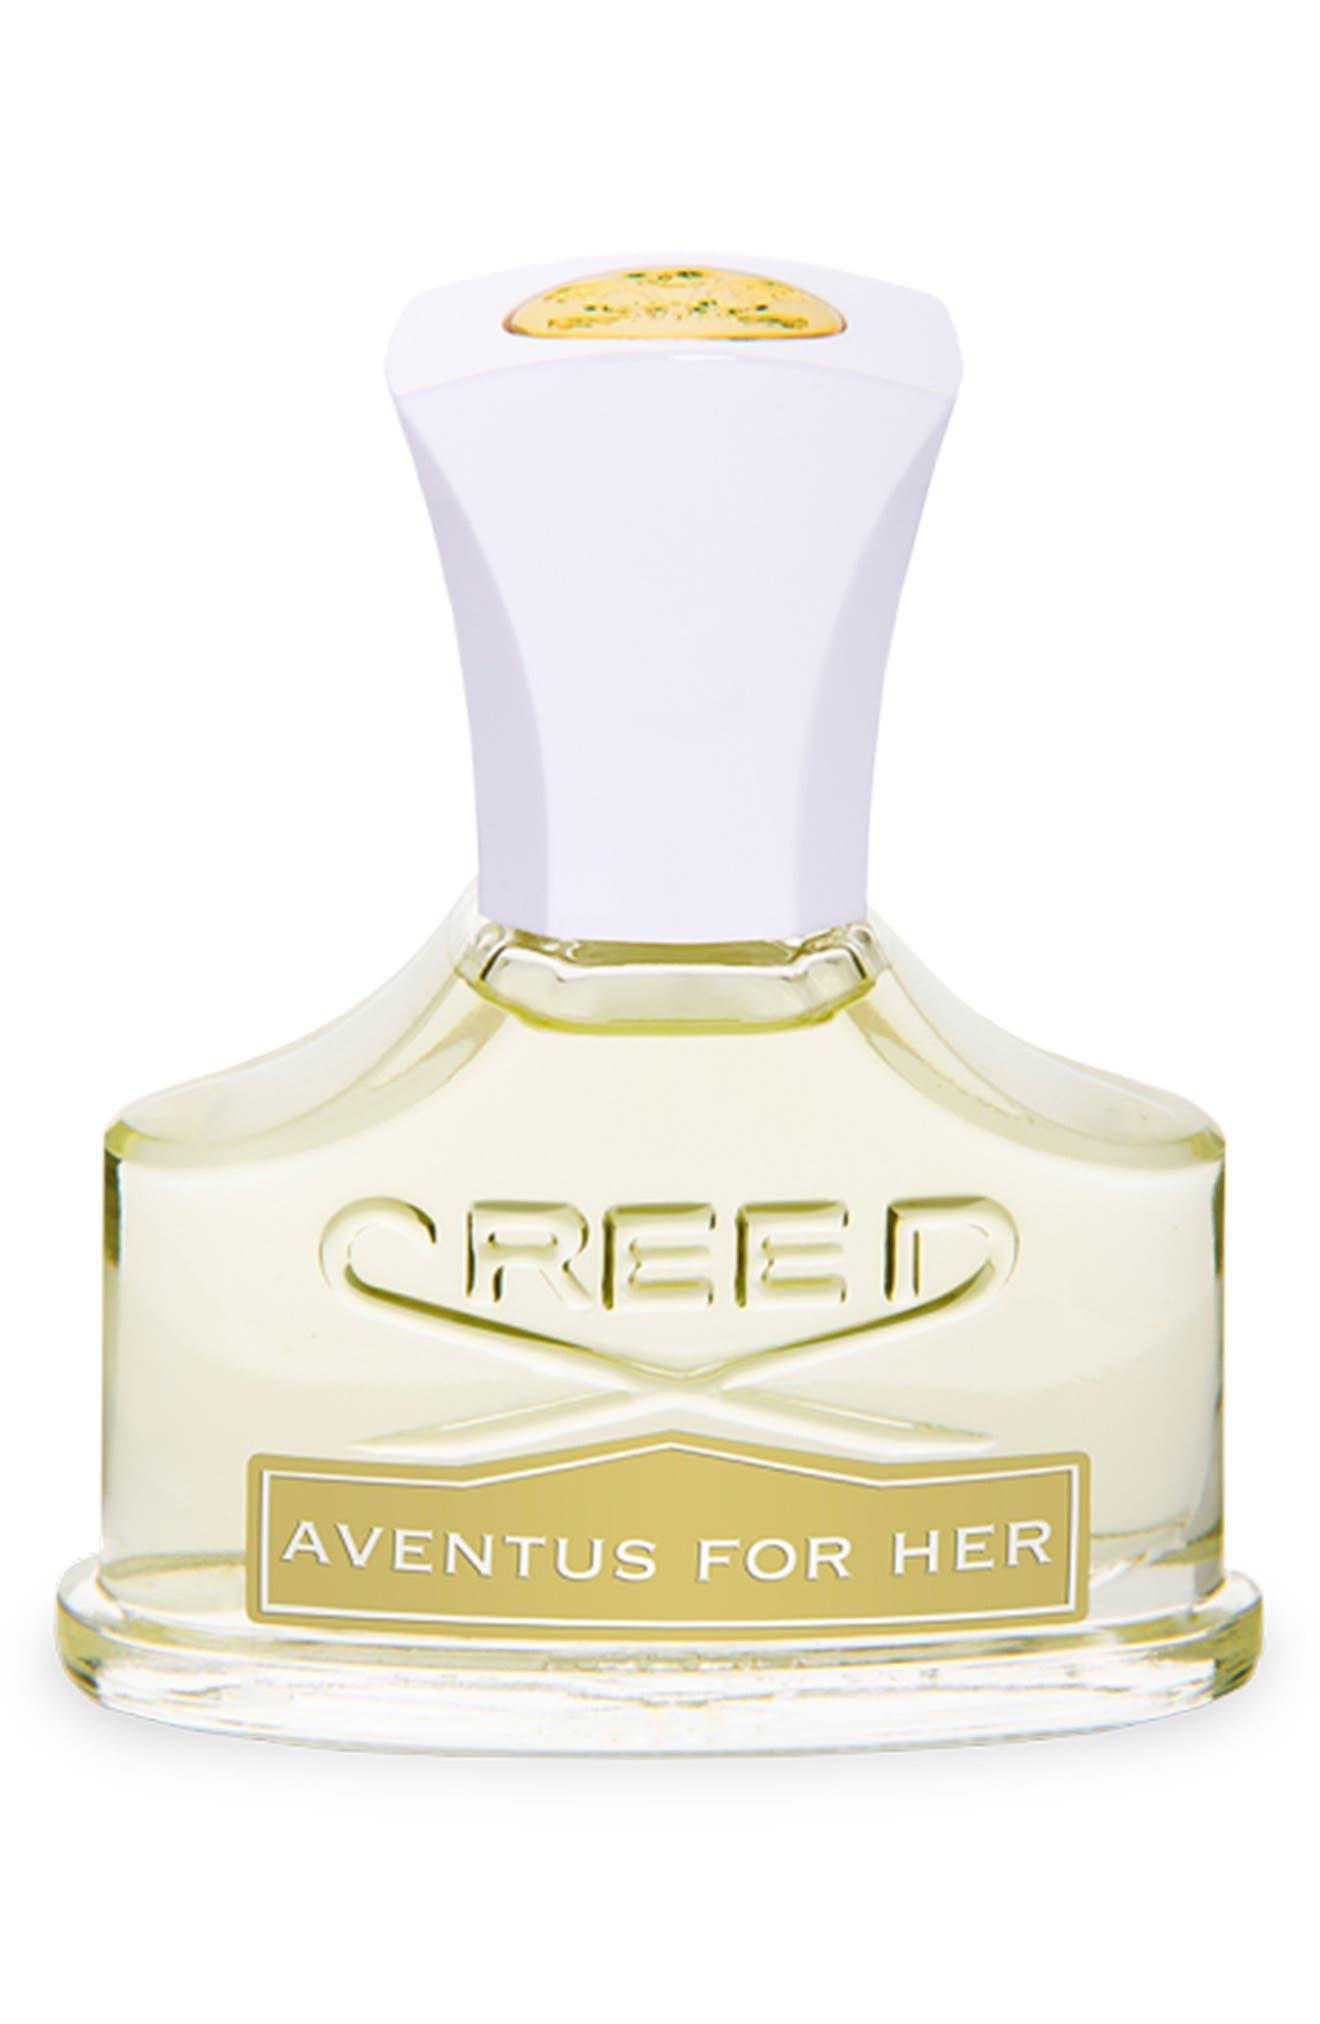 Aventus For Her Fragrance